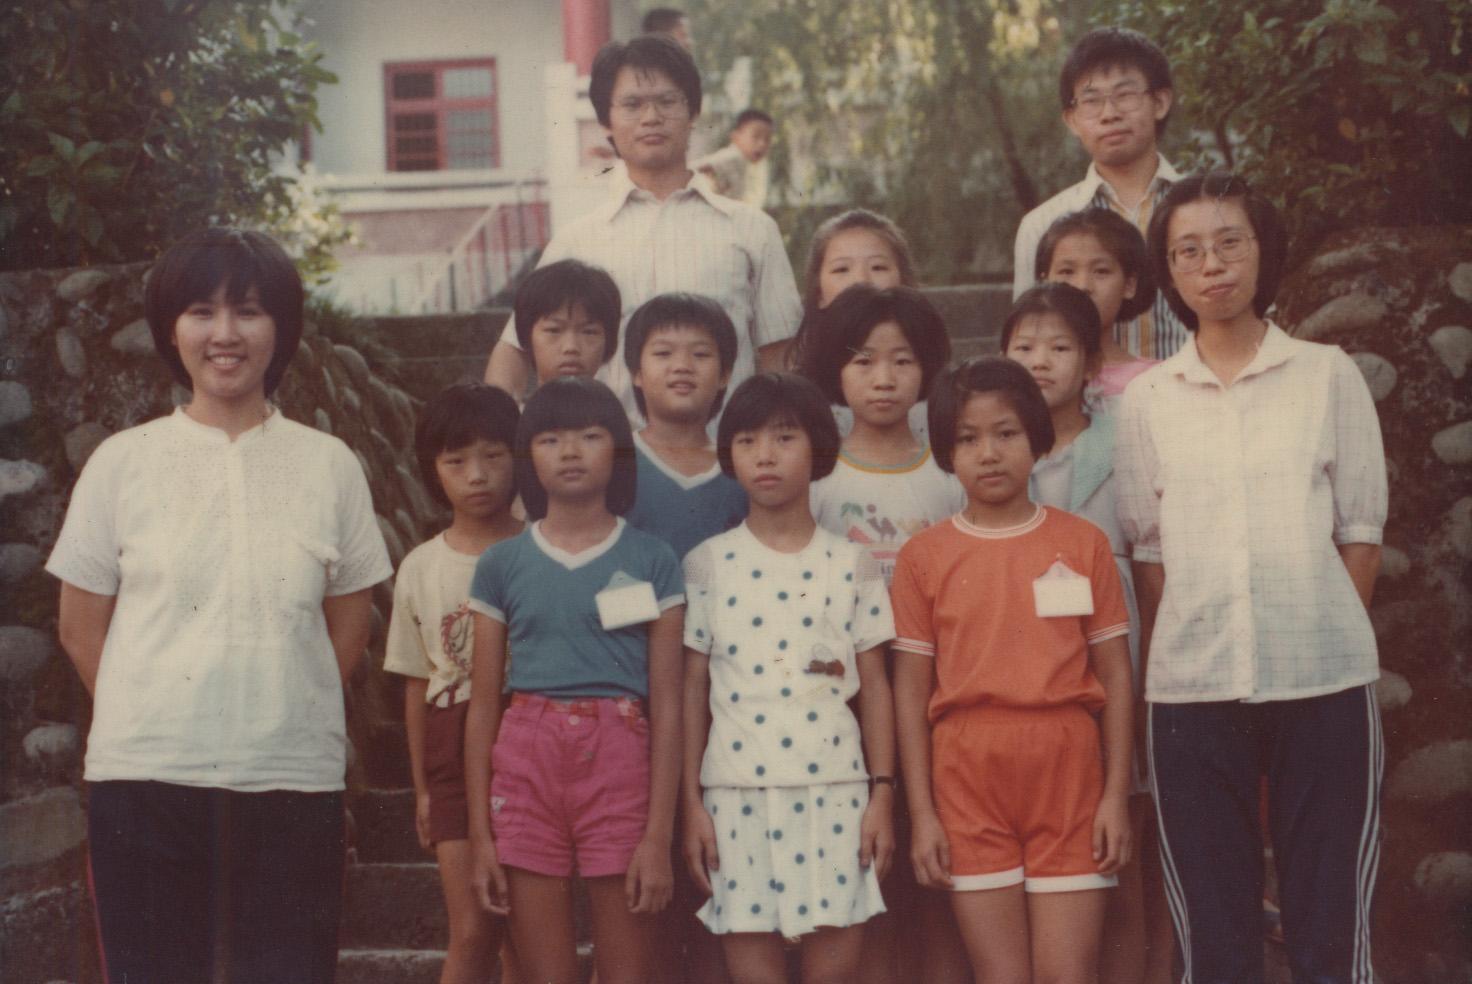 1985年前:學生時代參加淨苑兒童夏令營1